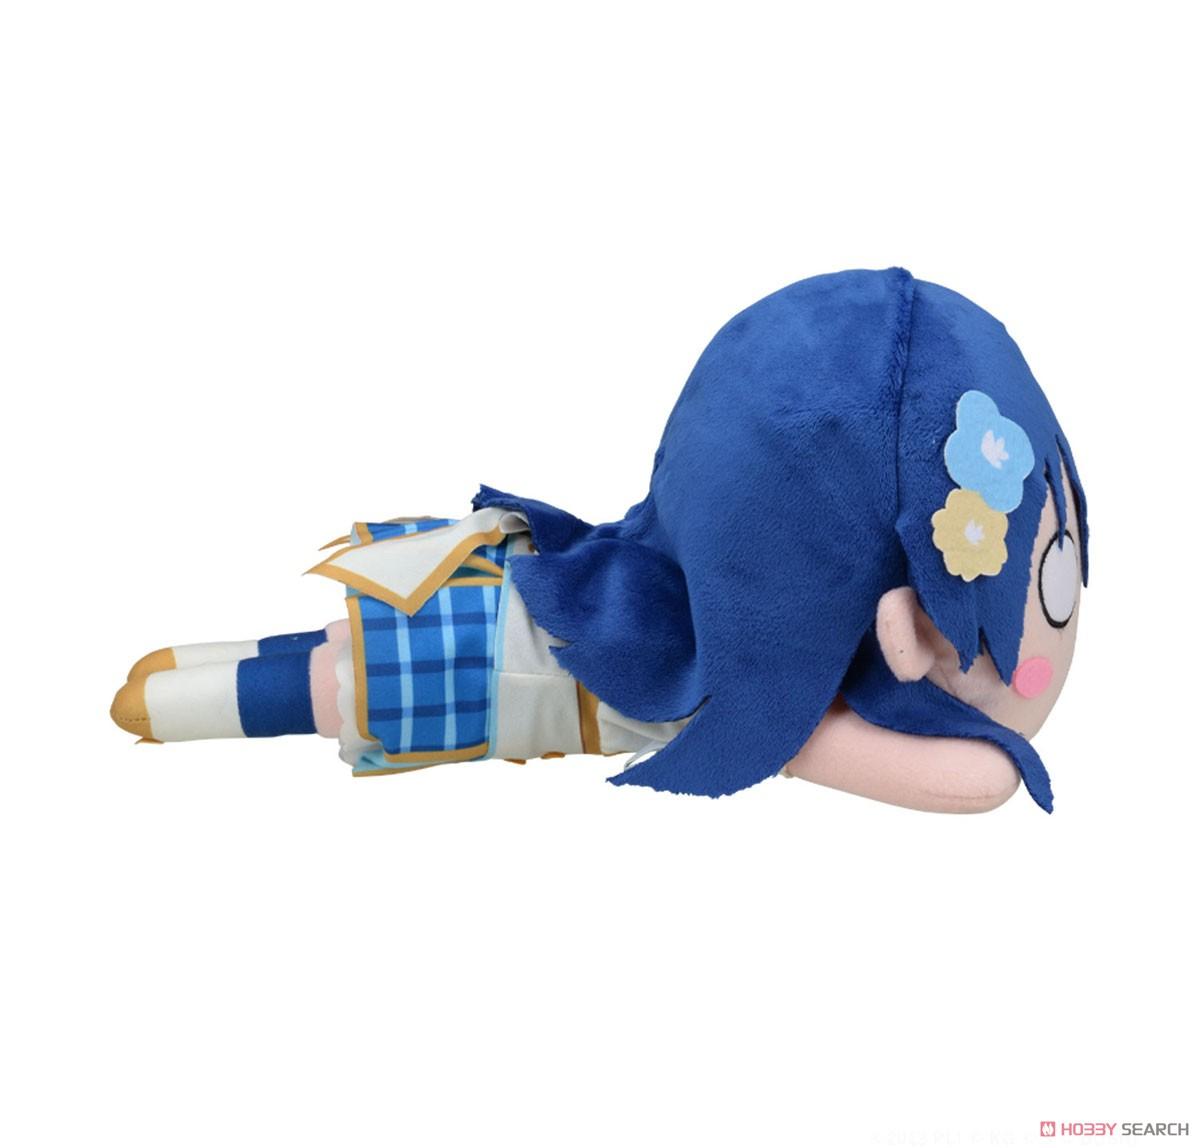 ラブライブ! スクールアイドルフェスティバル ALL STARS『南ことり(M)』寝そべりぬいぐるみ-006